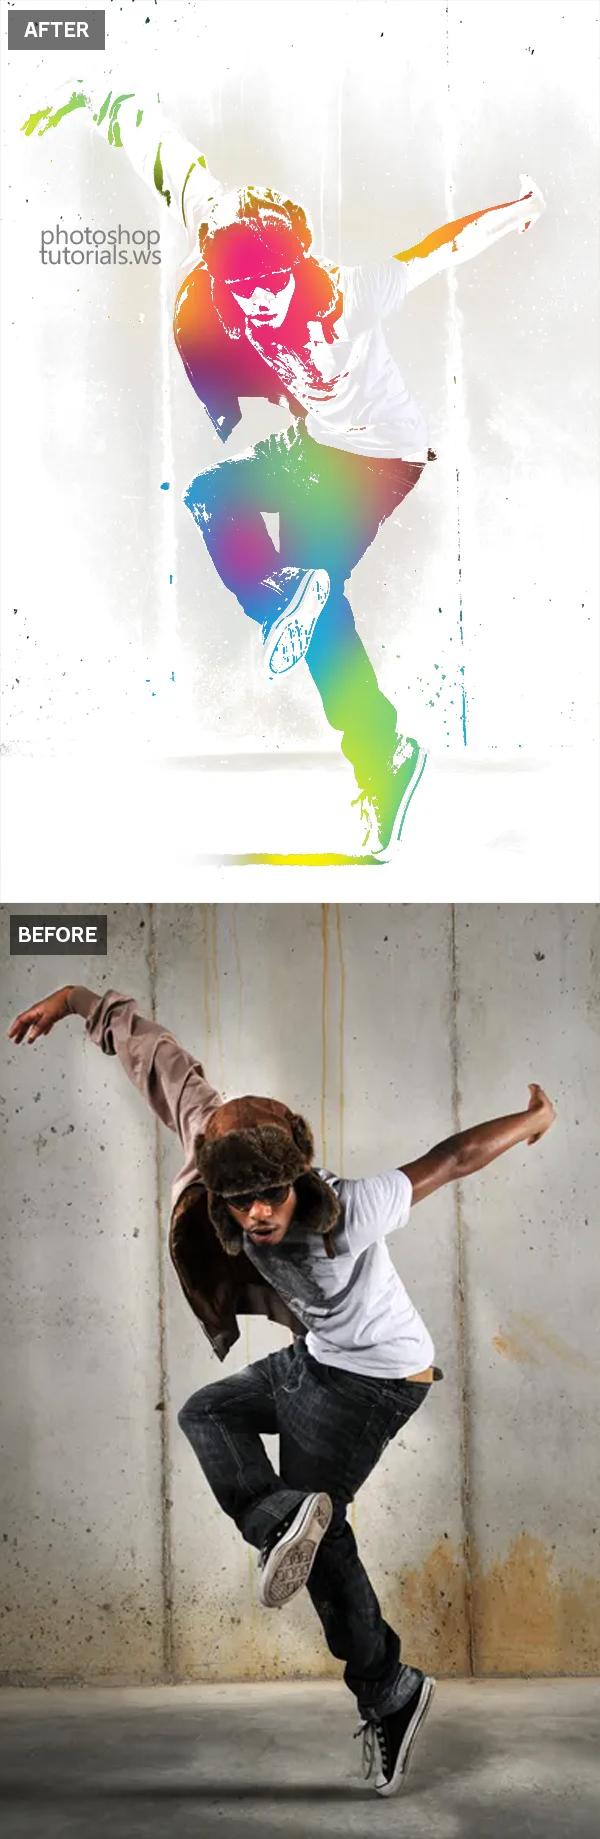 Cómo crear un efecto fotográfico Urban Ink en Photoshop Tutorial